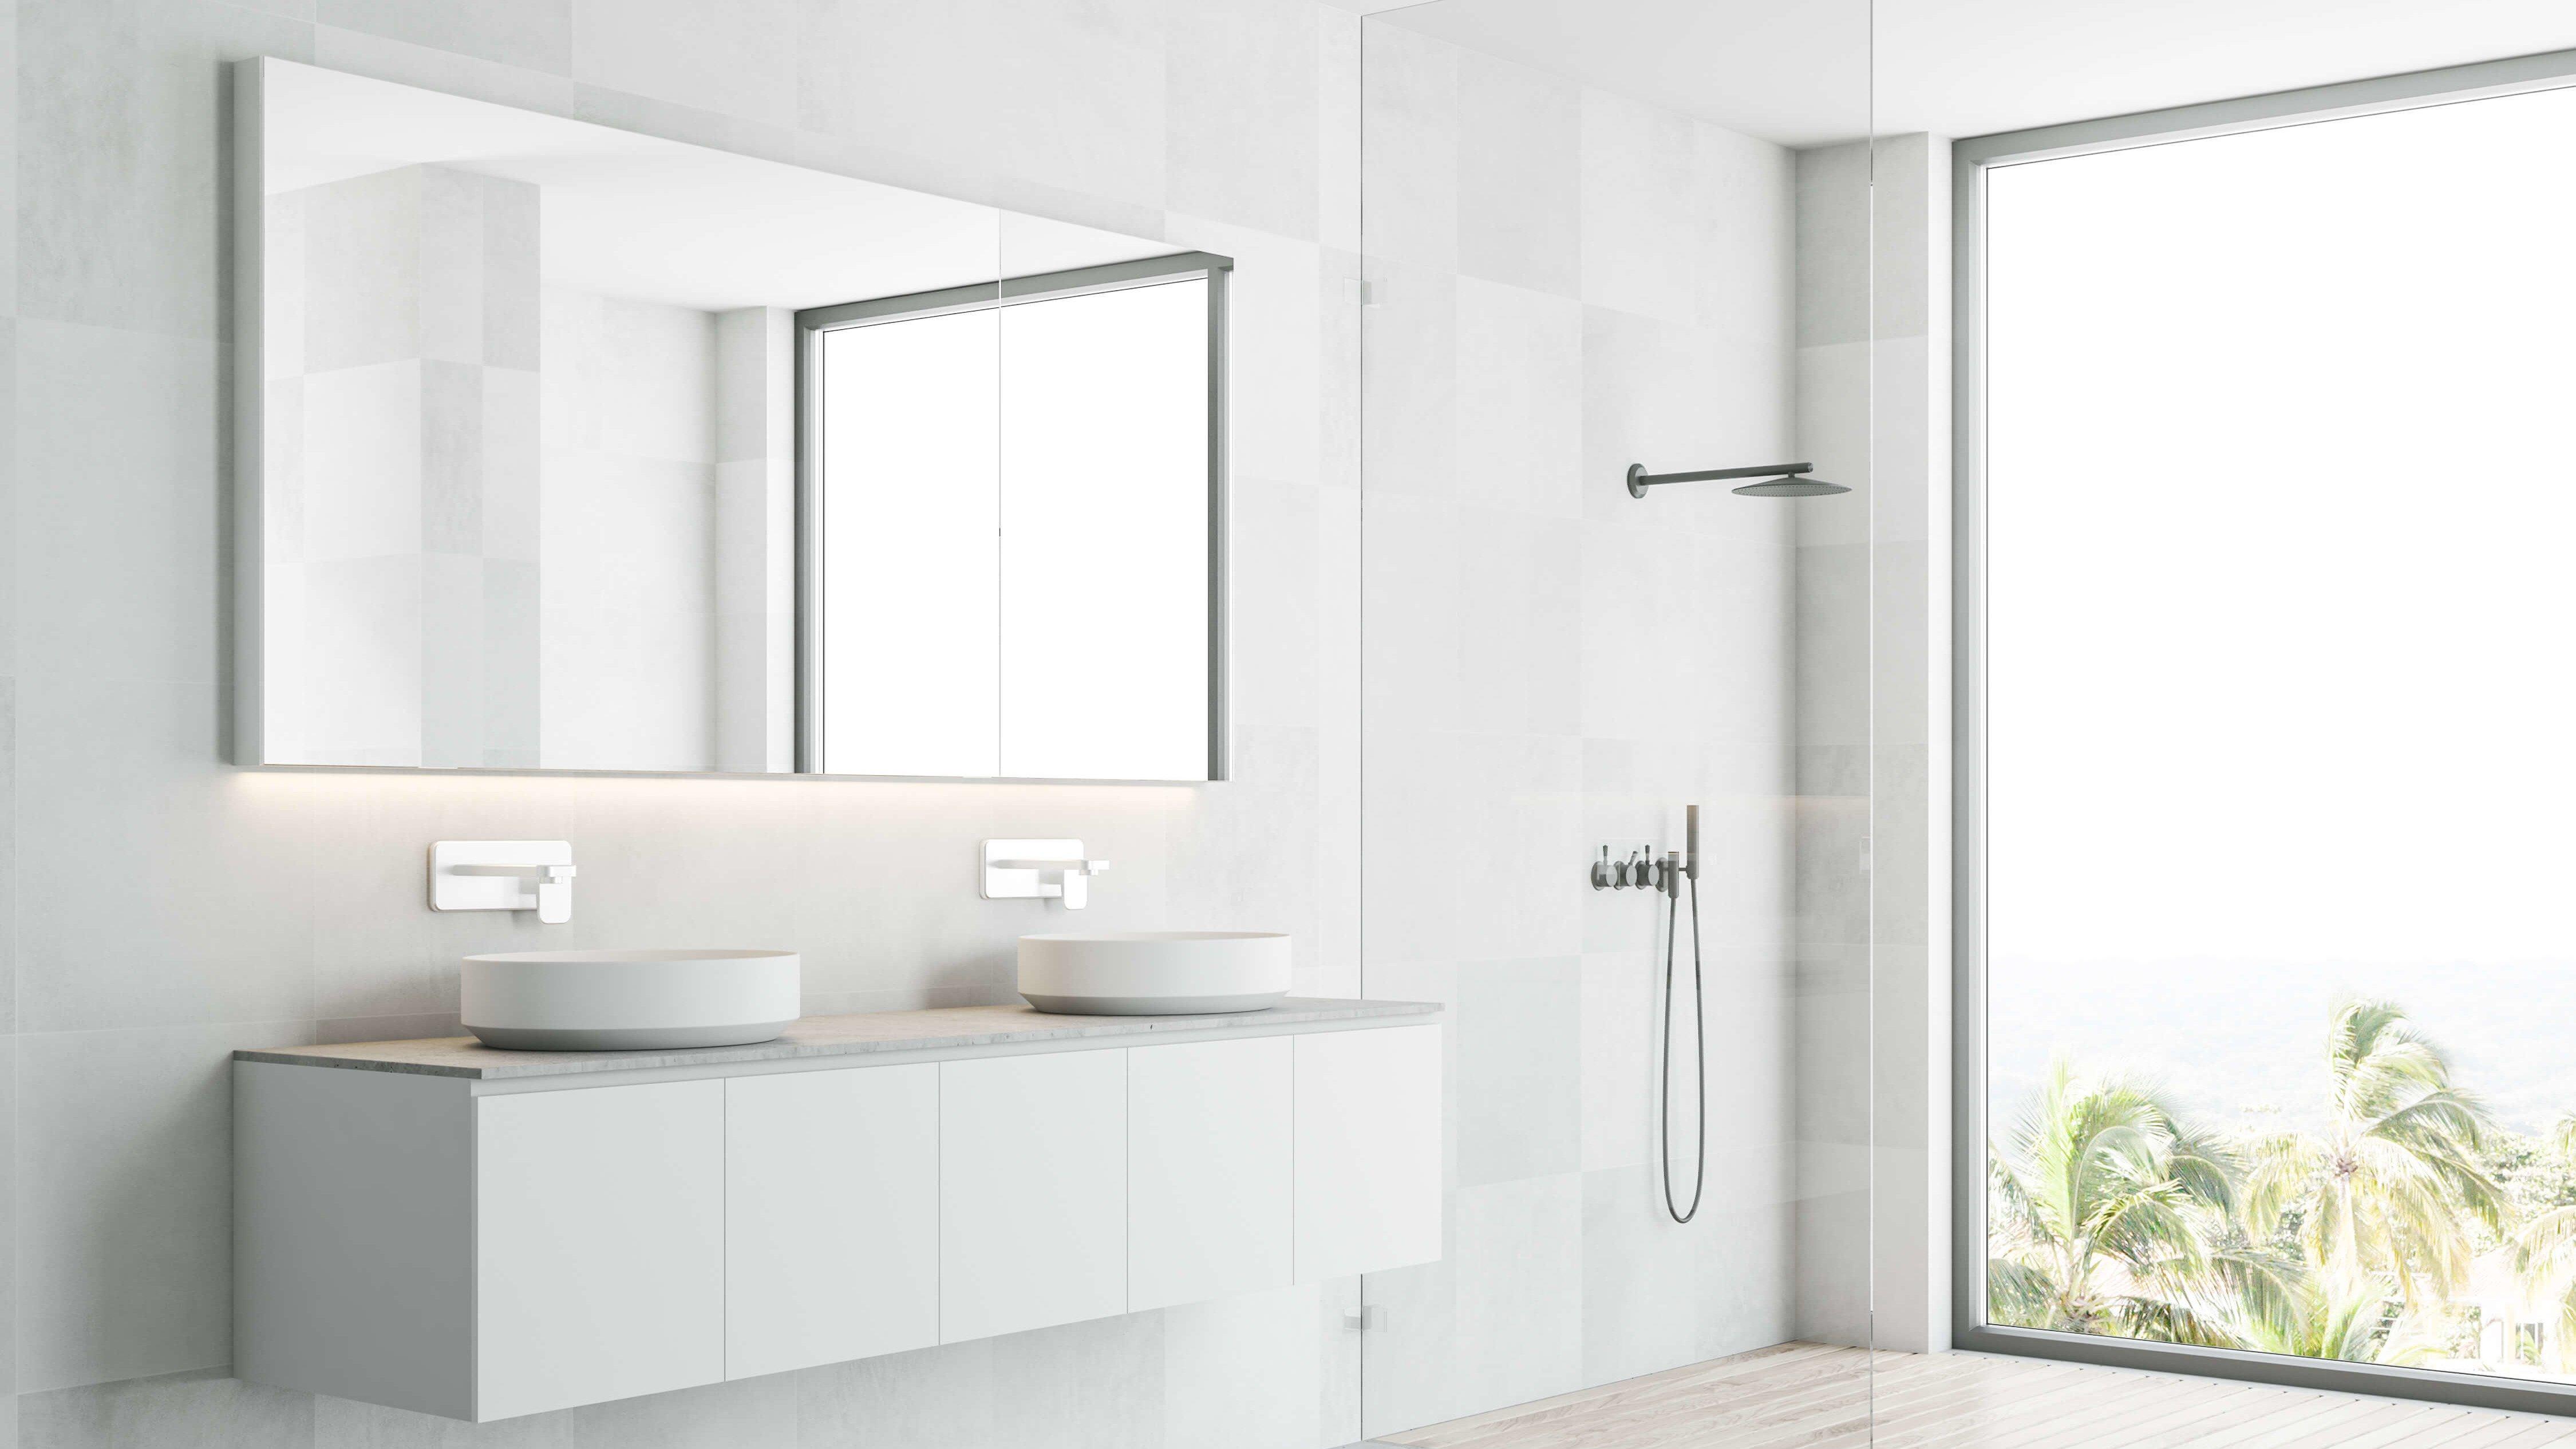 Offene Dusche ohne Abtrennung